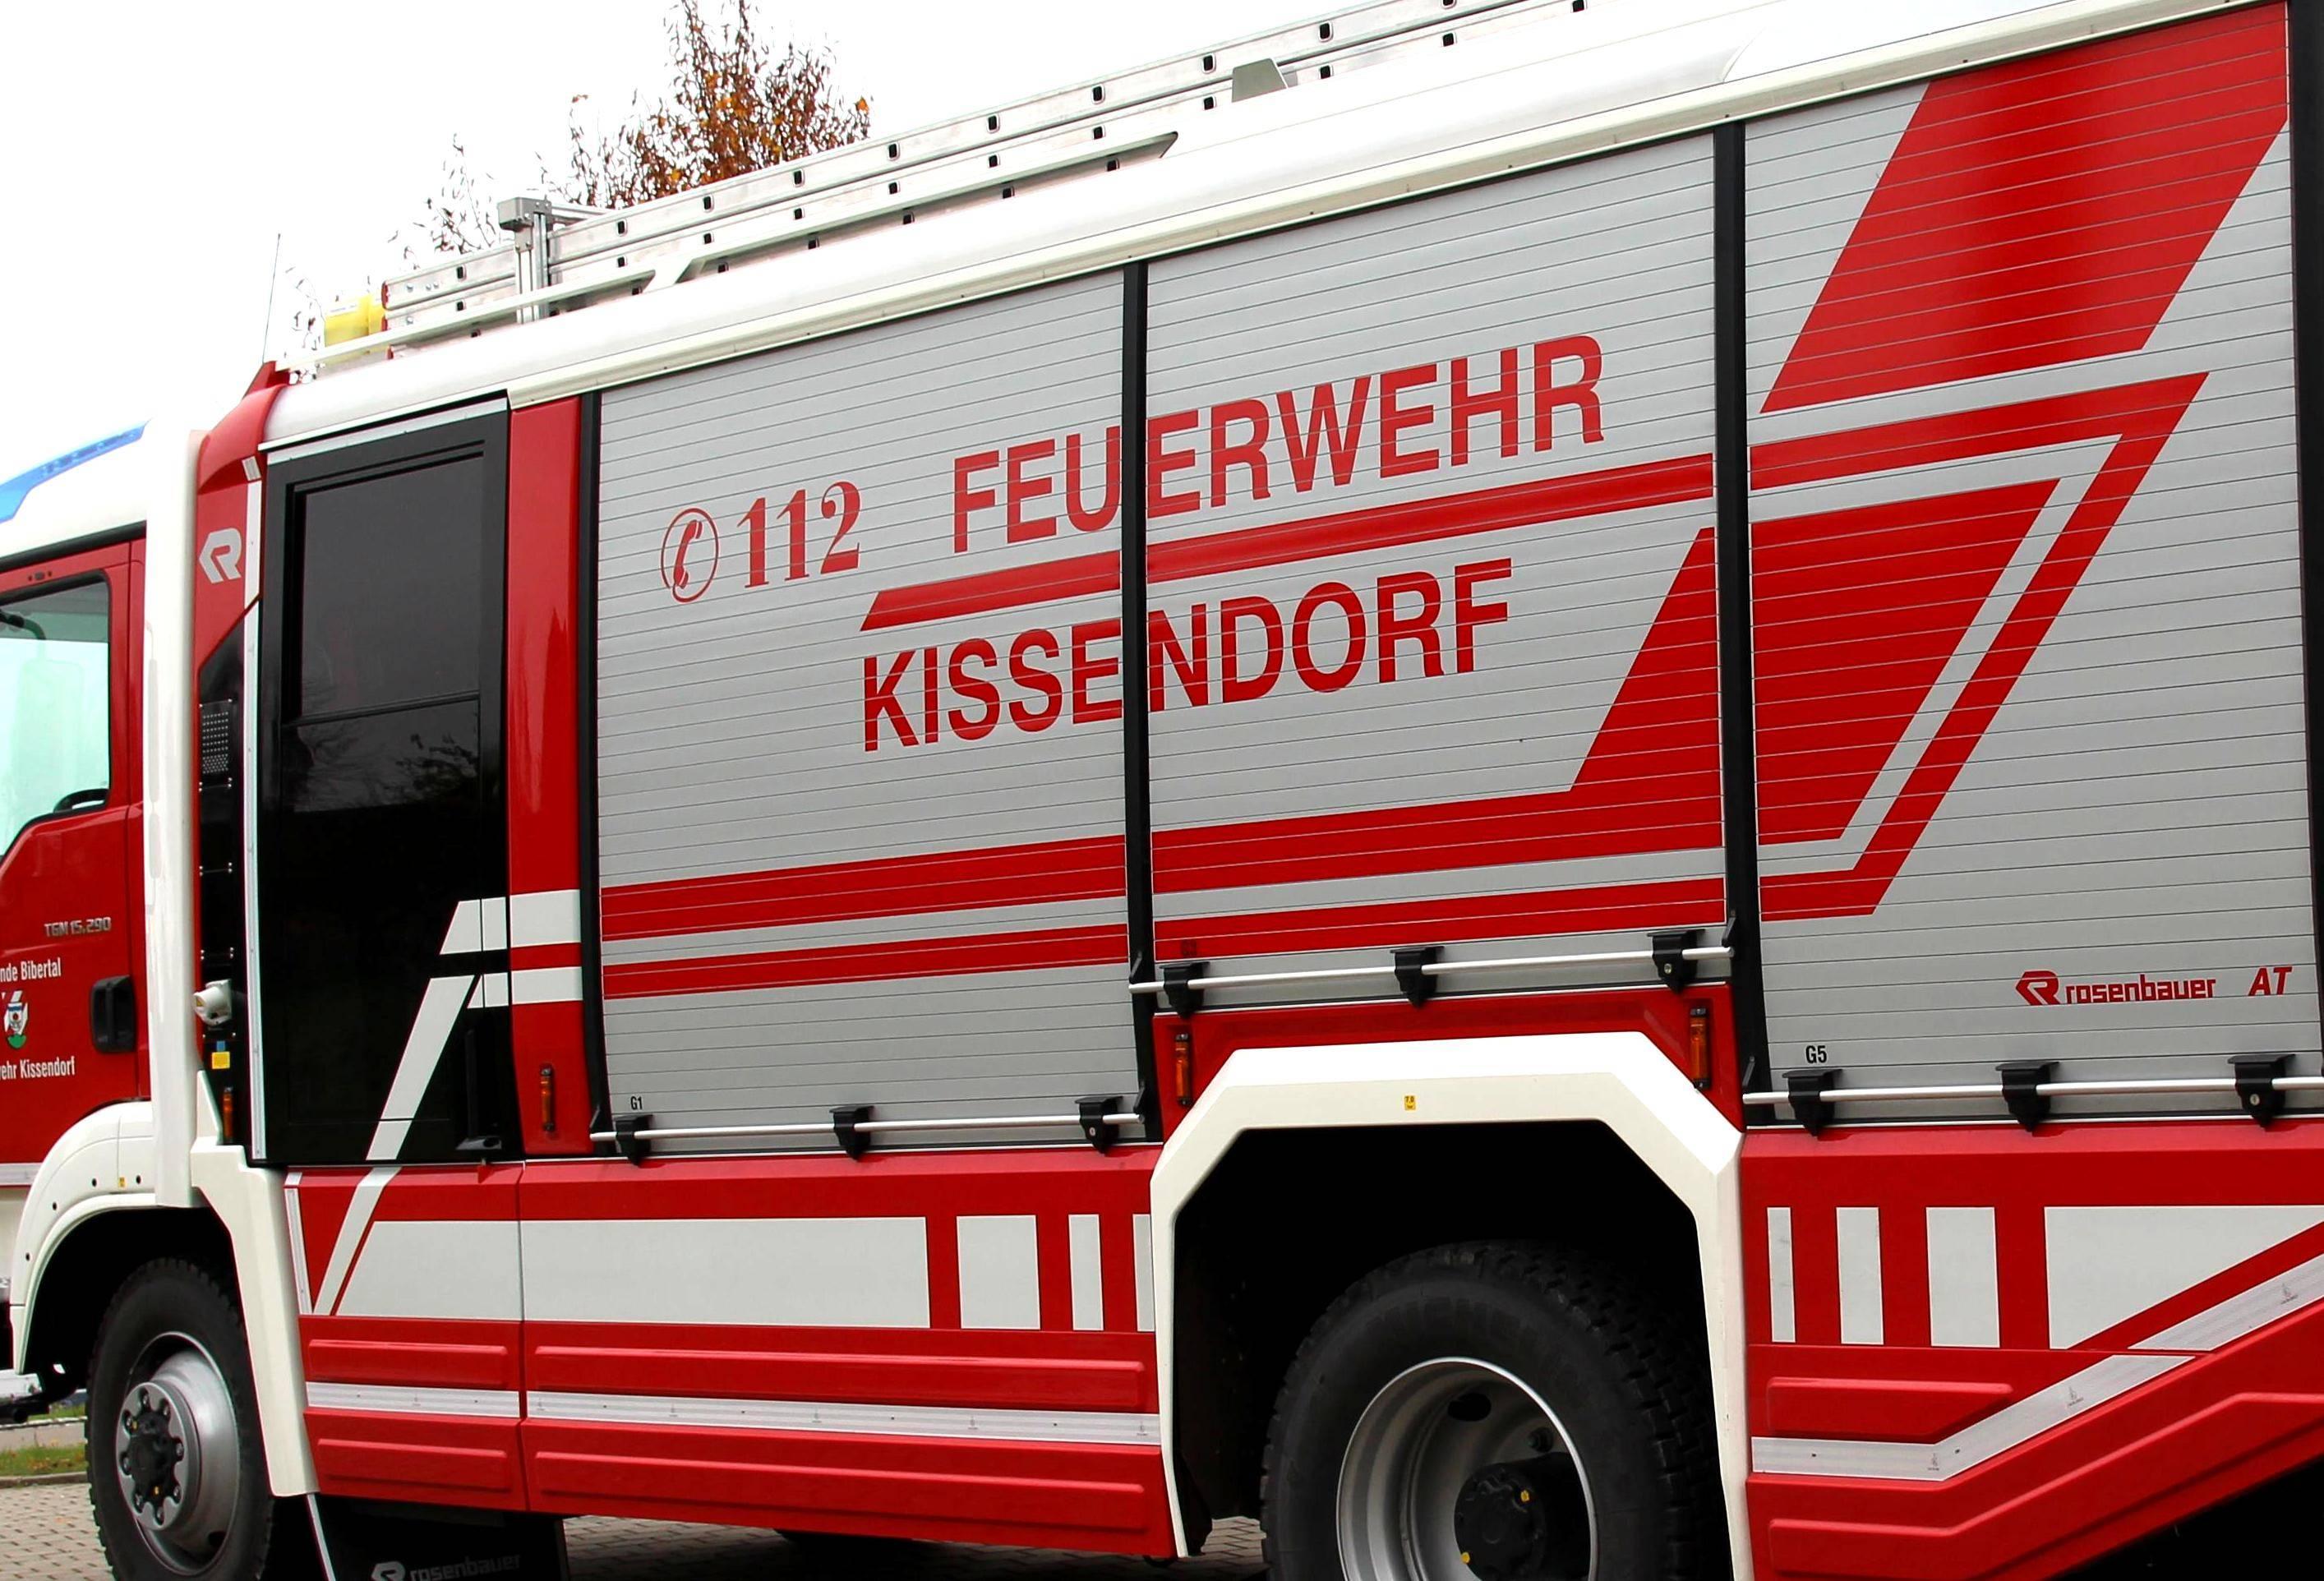 Feuerwehr Kissendorf